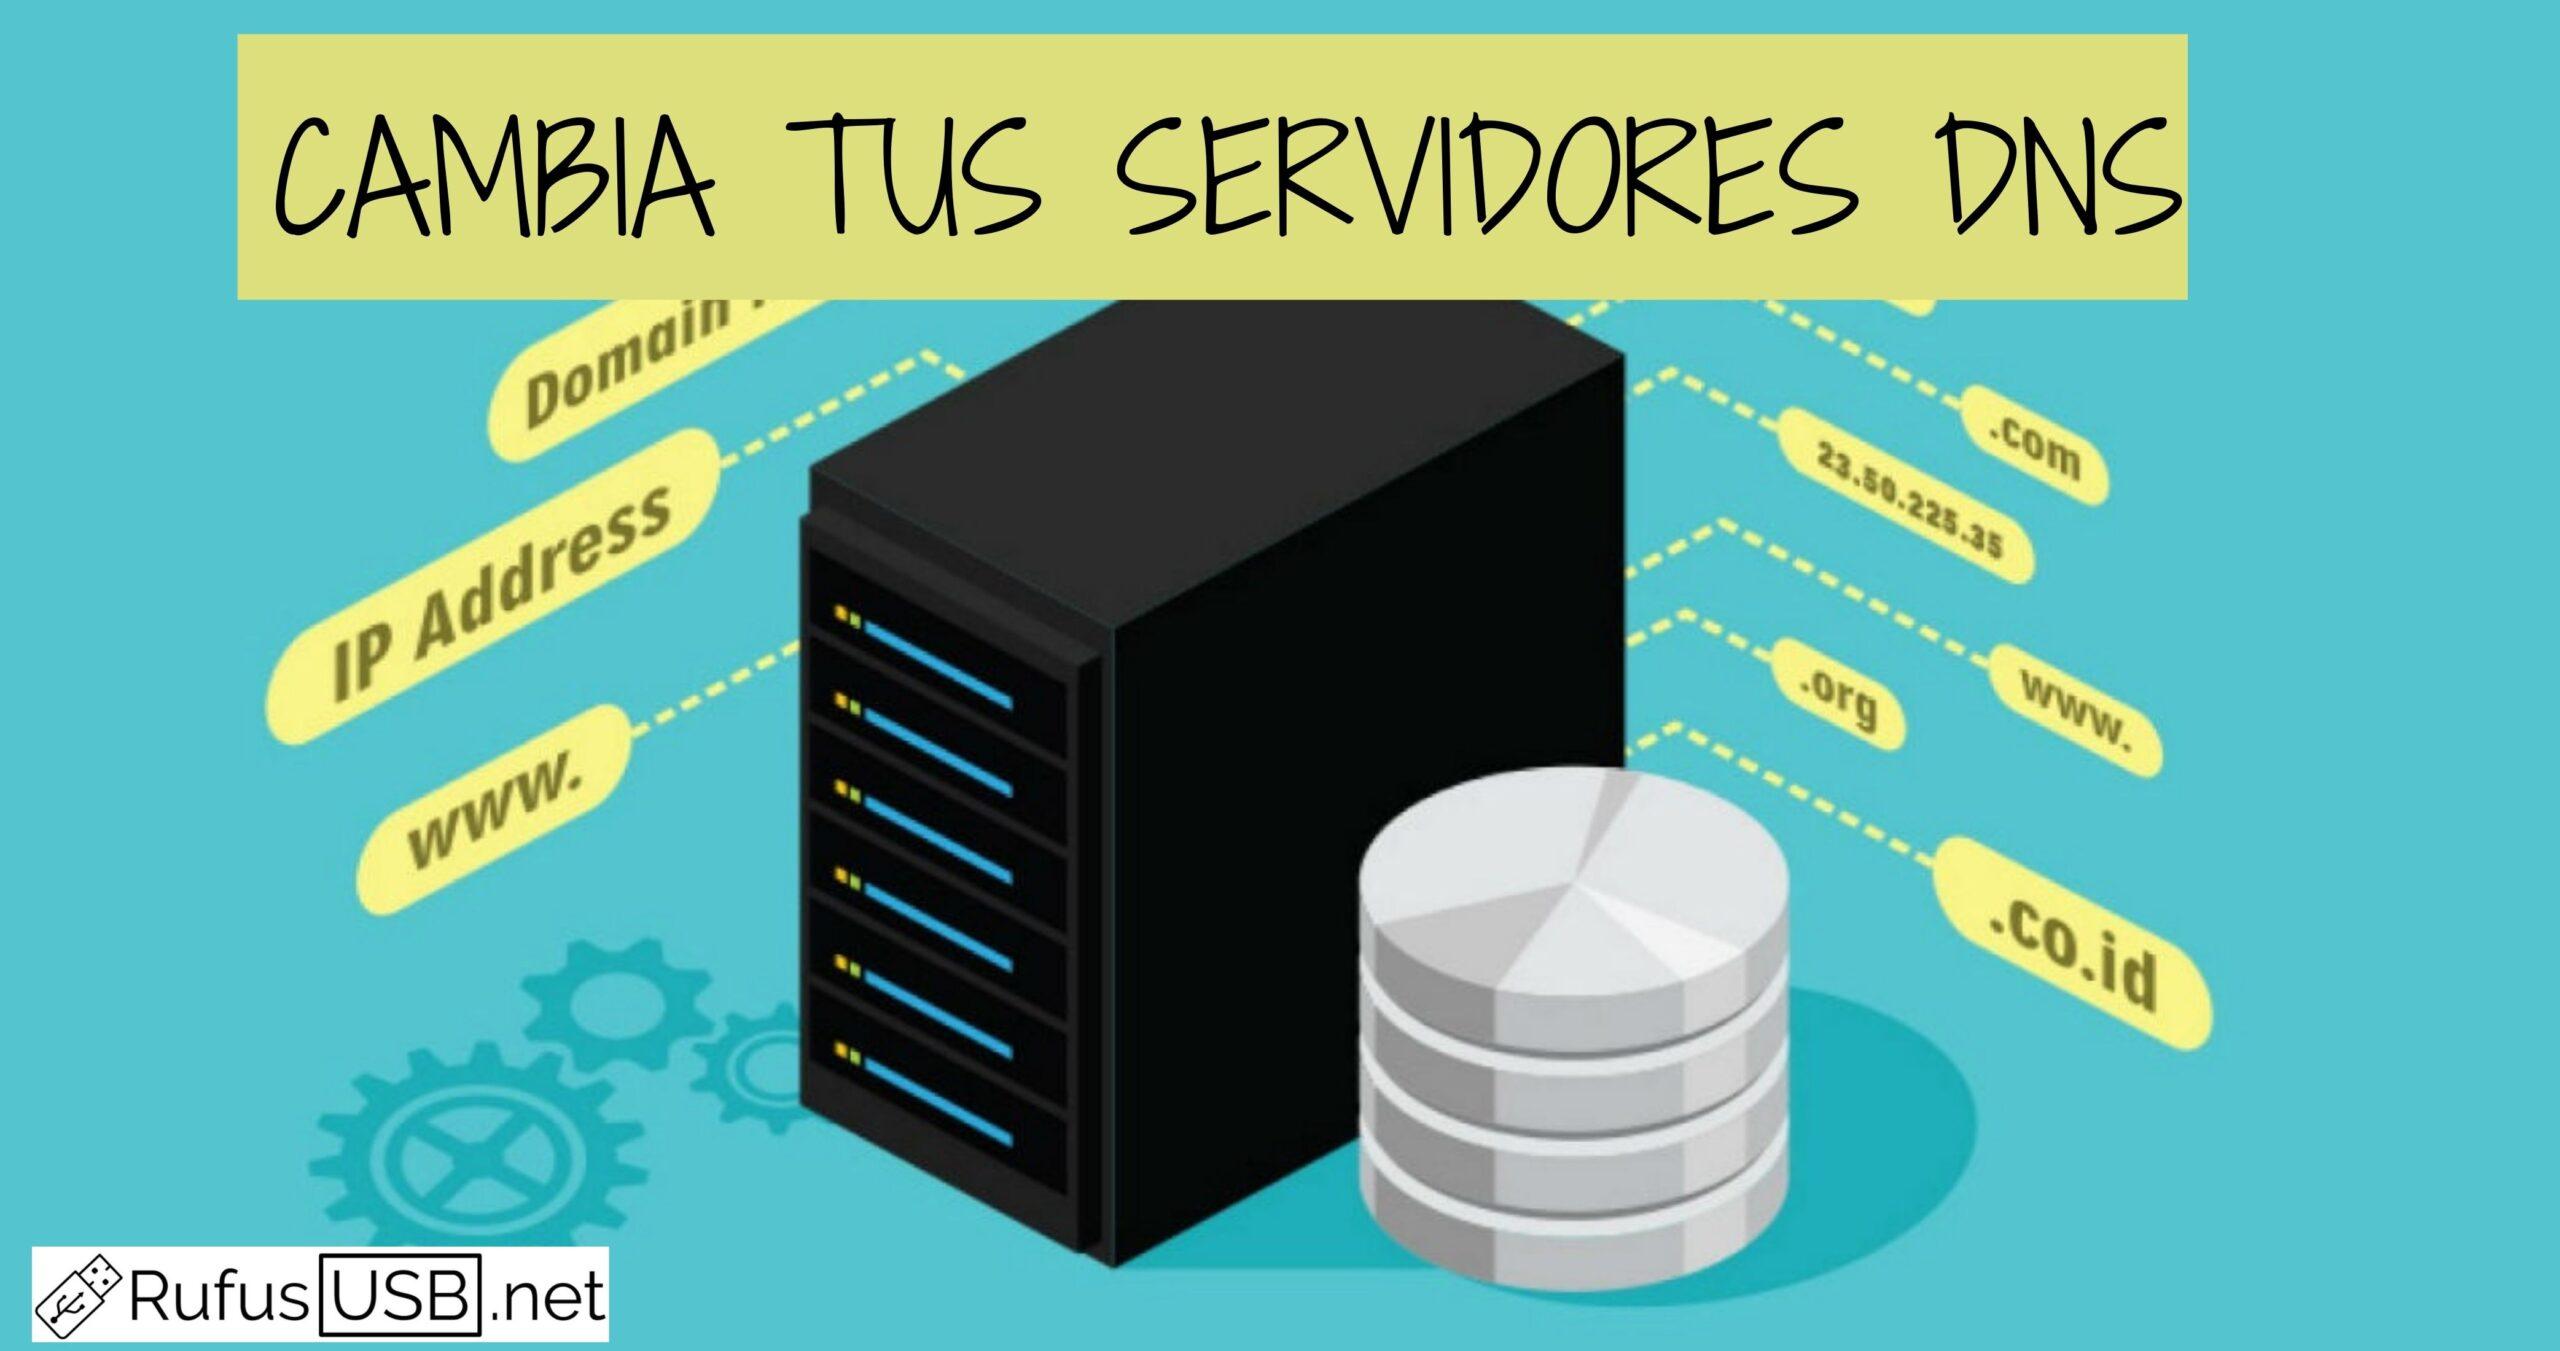 Cómo cambiar los servidores DNS en Windows 10